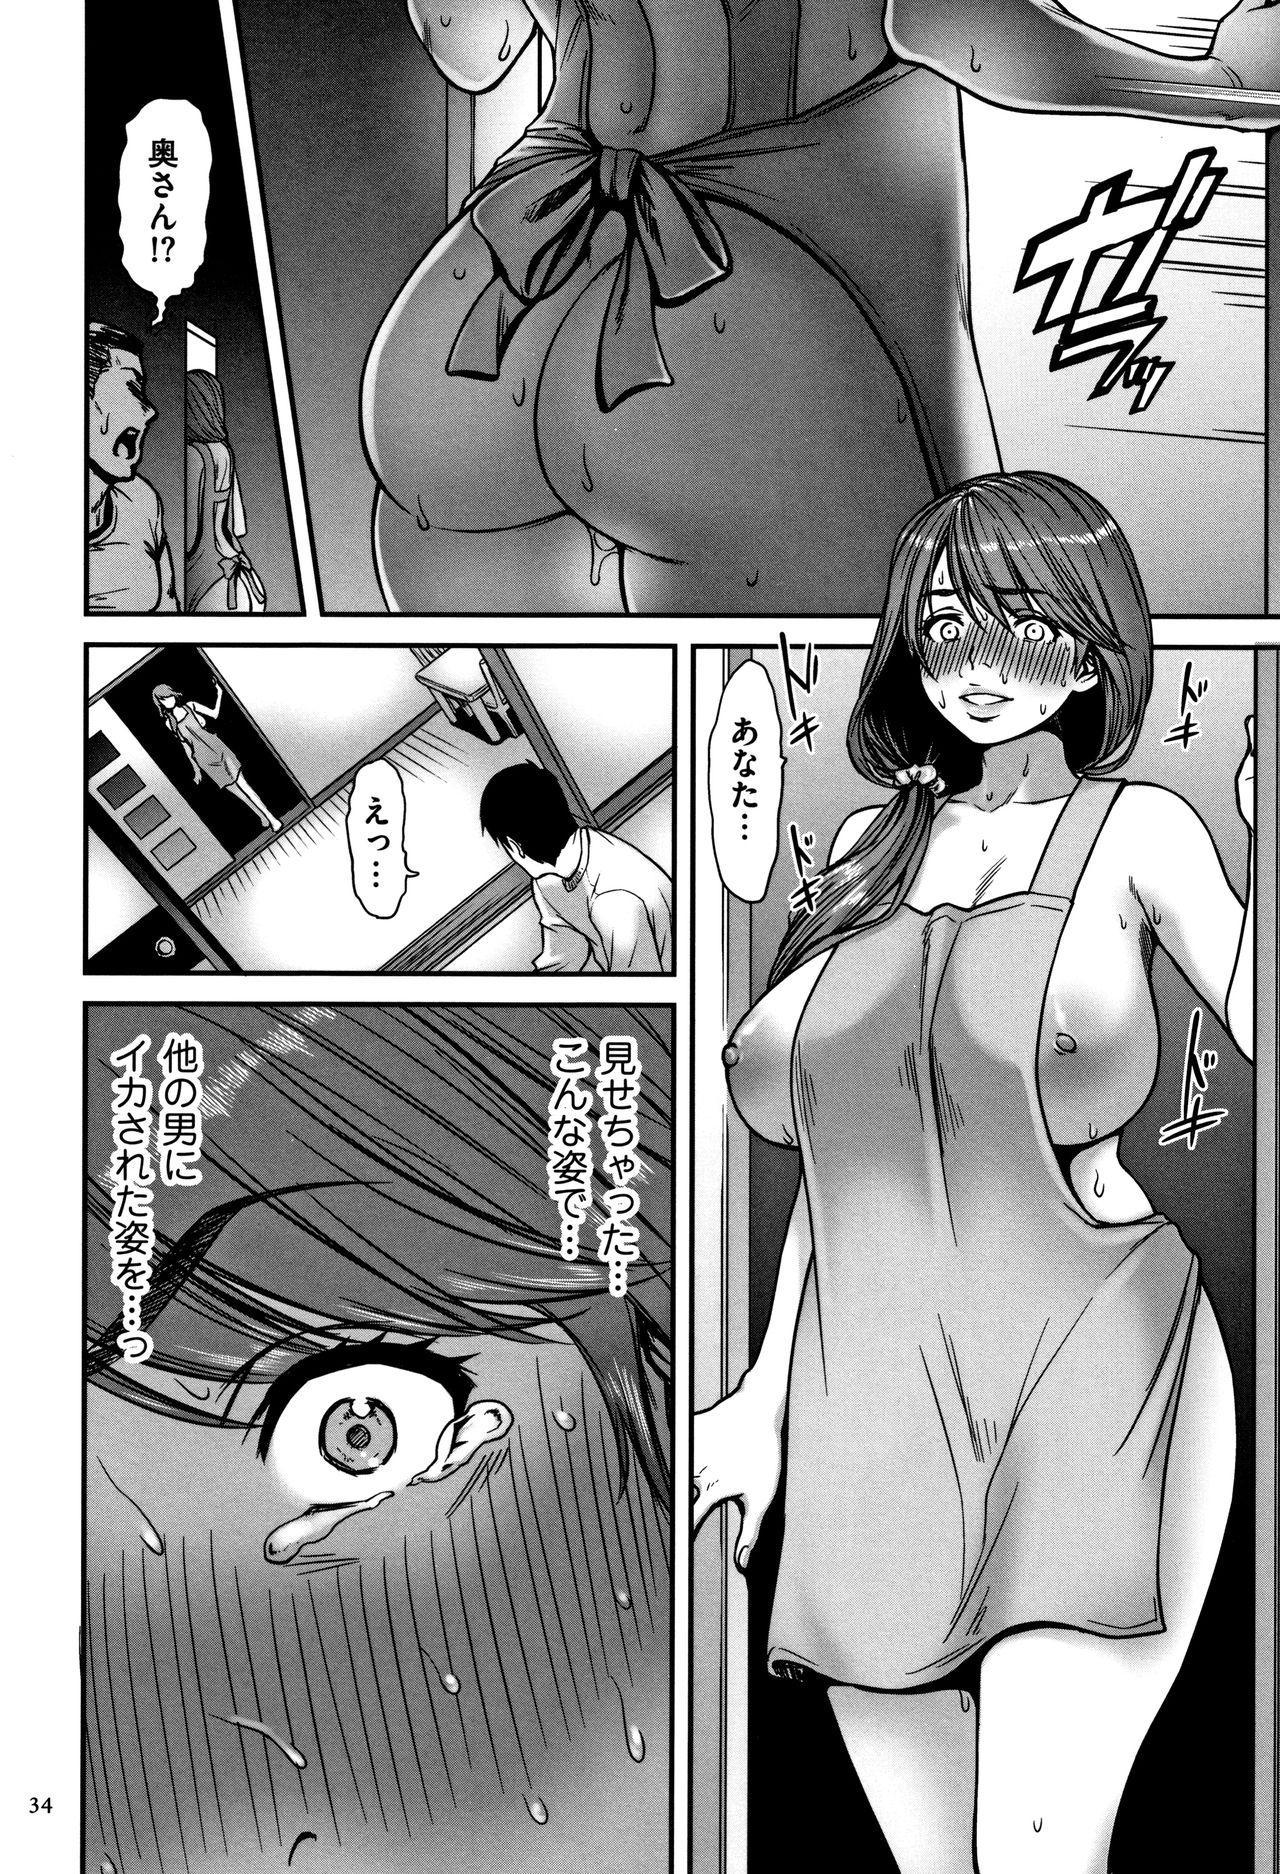 Tsumaiki - Tsuma no Ikigao ga Mitakute.... 34